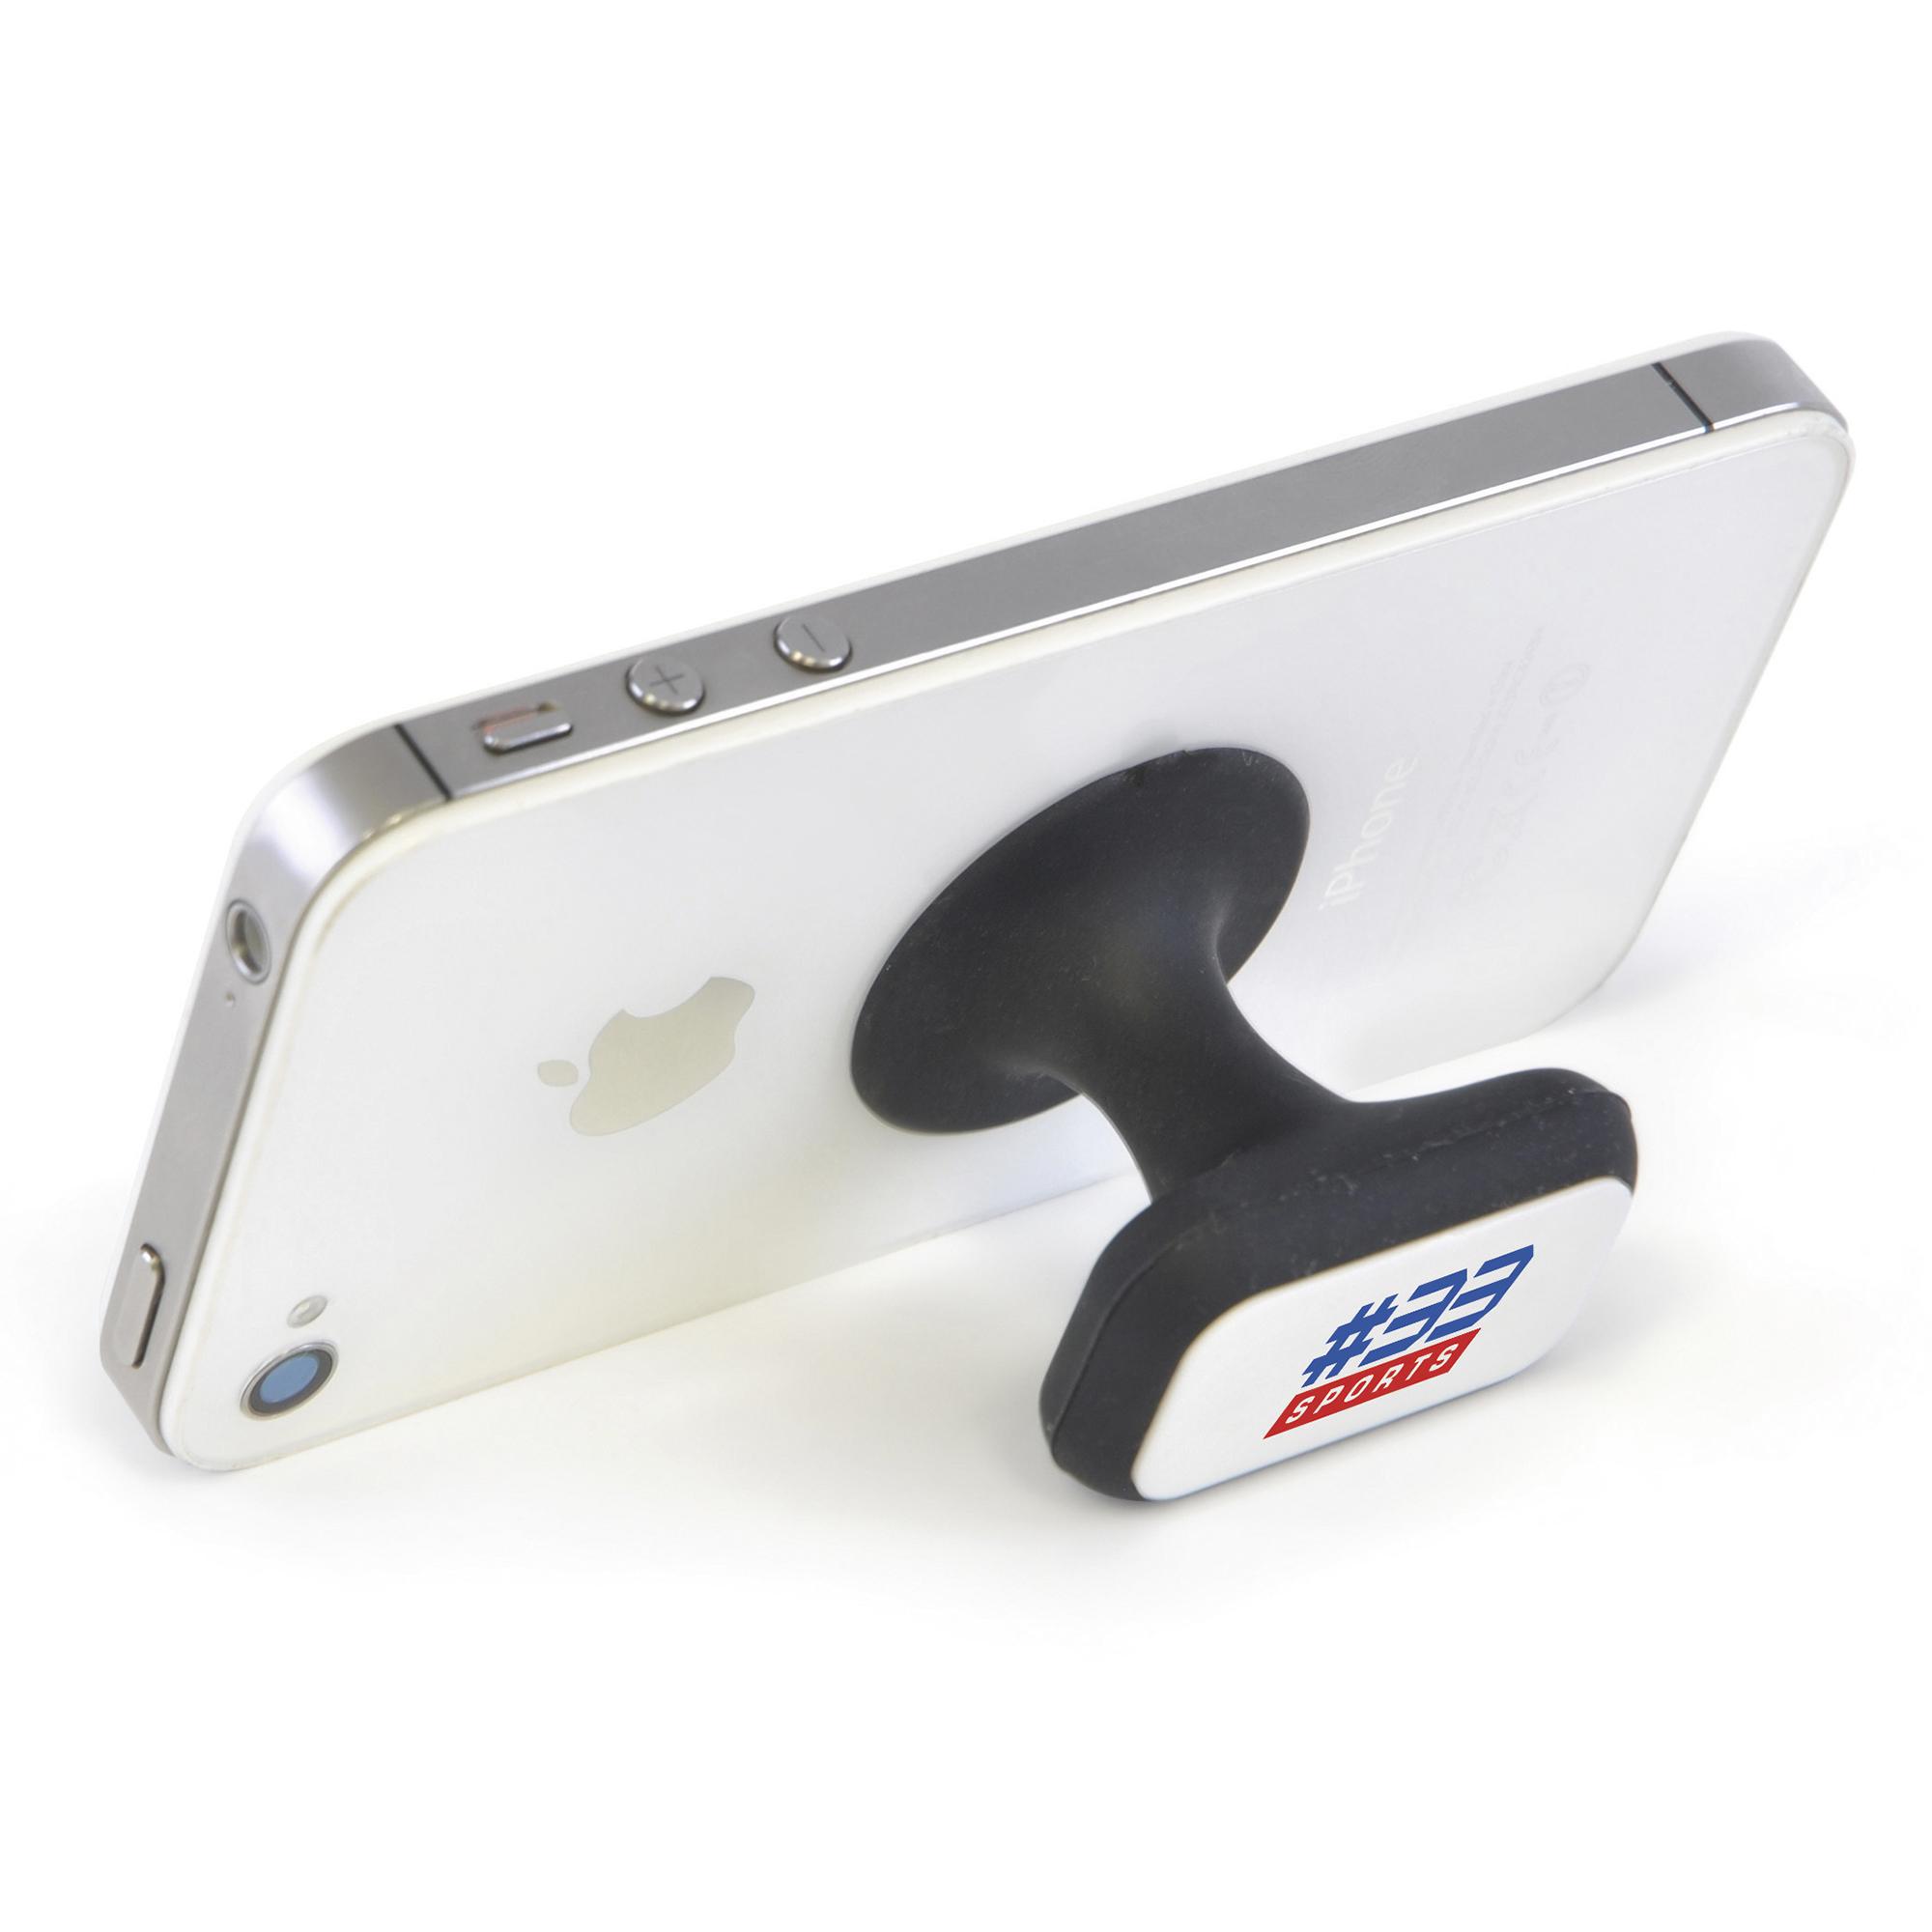 Branded Sucker Mobile Phone Sucker